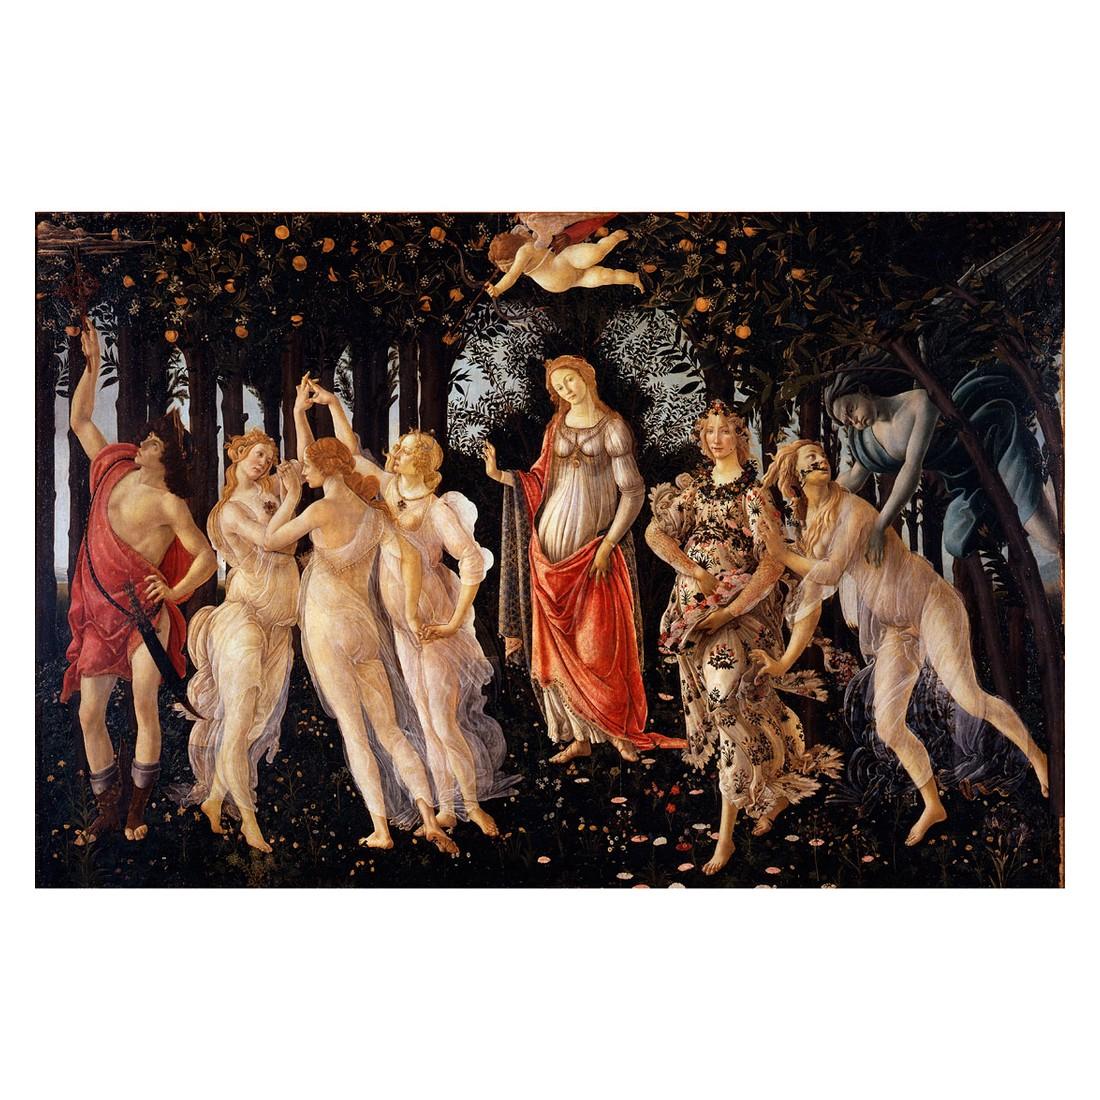 Ölgemälde Der Frühling von Sandro Botticelli – Größe 60 x 80 cm, yourPainting jetzt bestellen